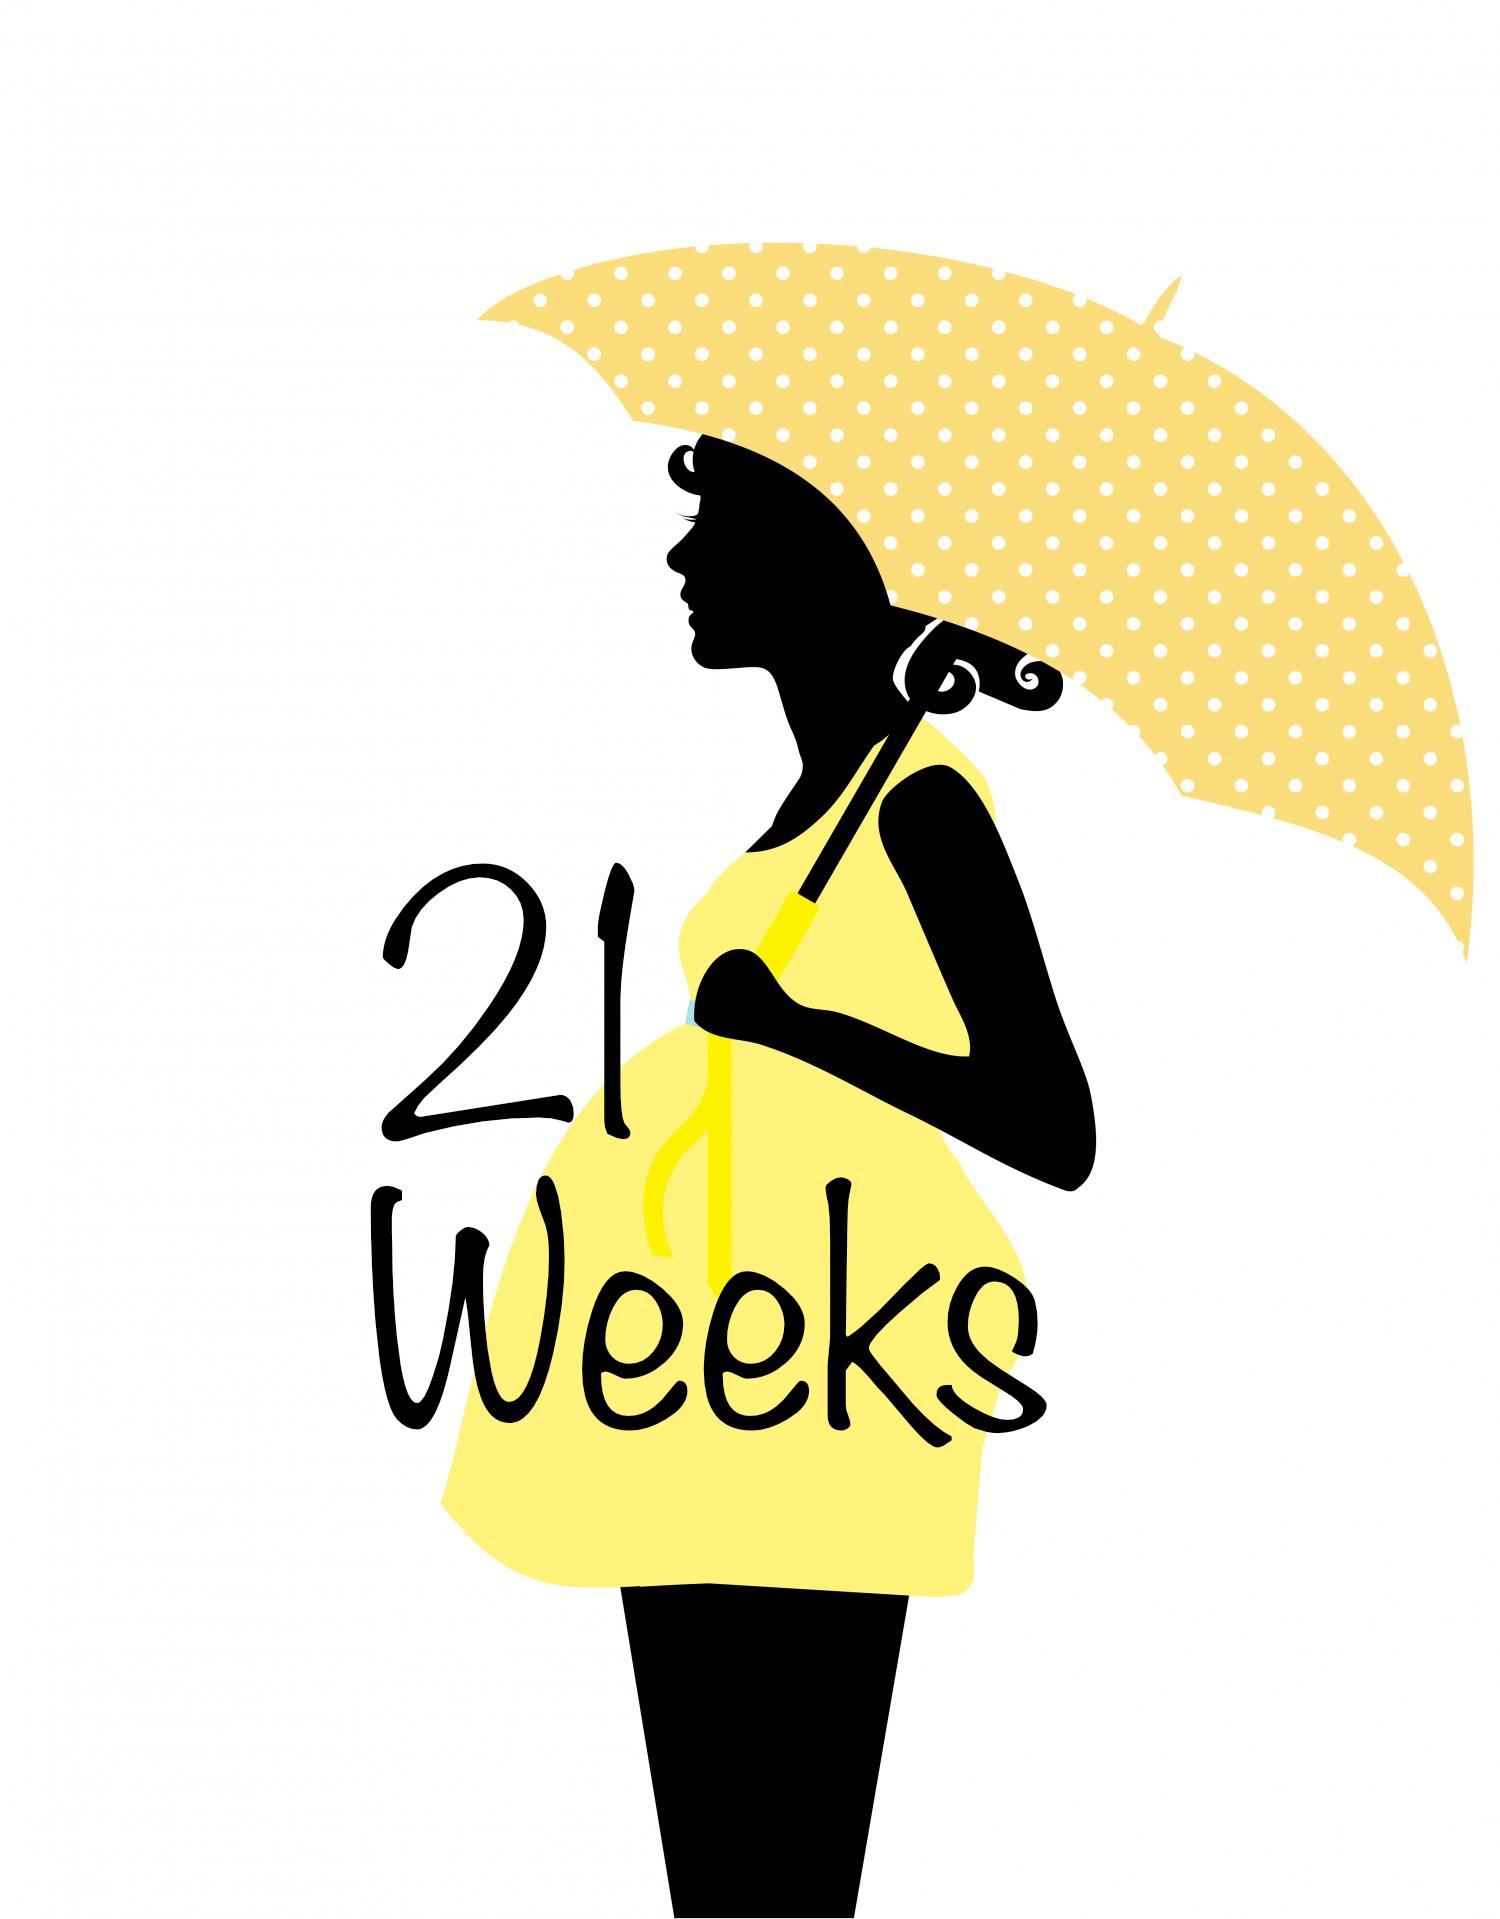 21 week pregnant